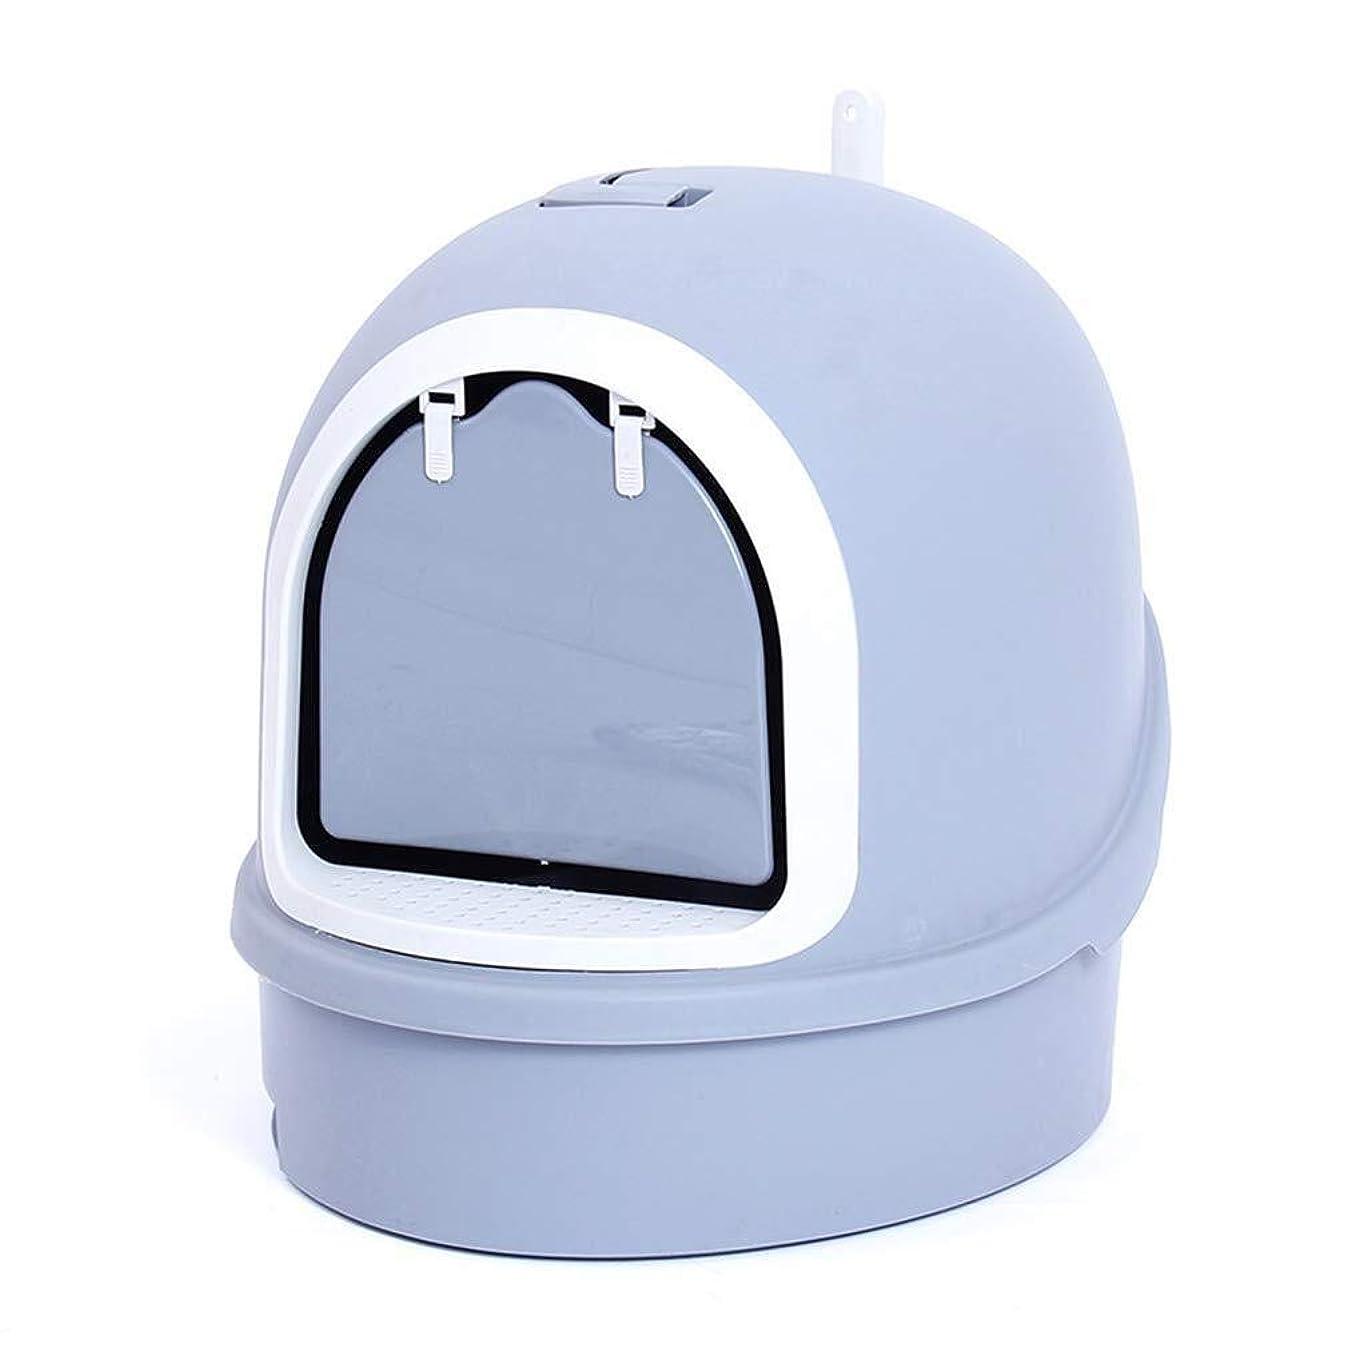 サイレン退化する支店LT ペットトイレ猫用トイレトレー (Color : B)